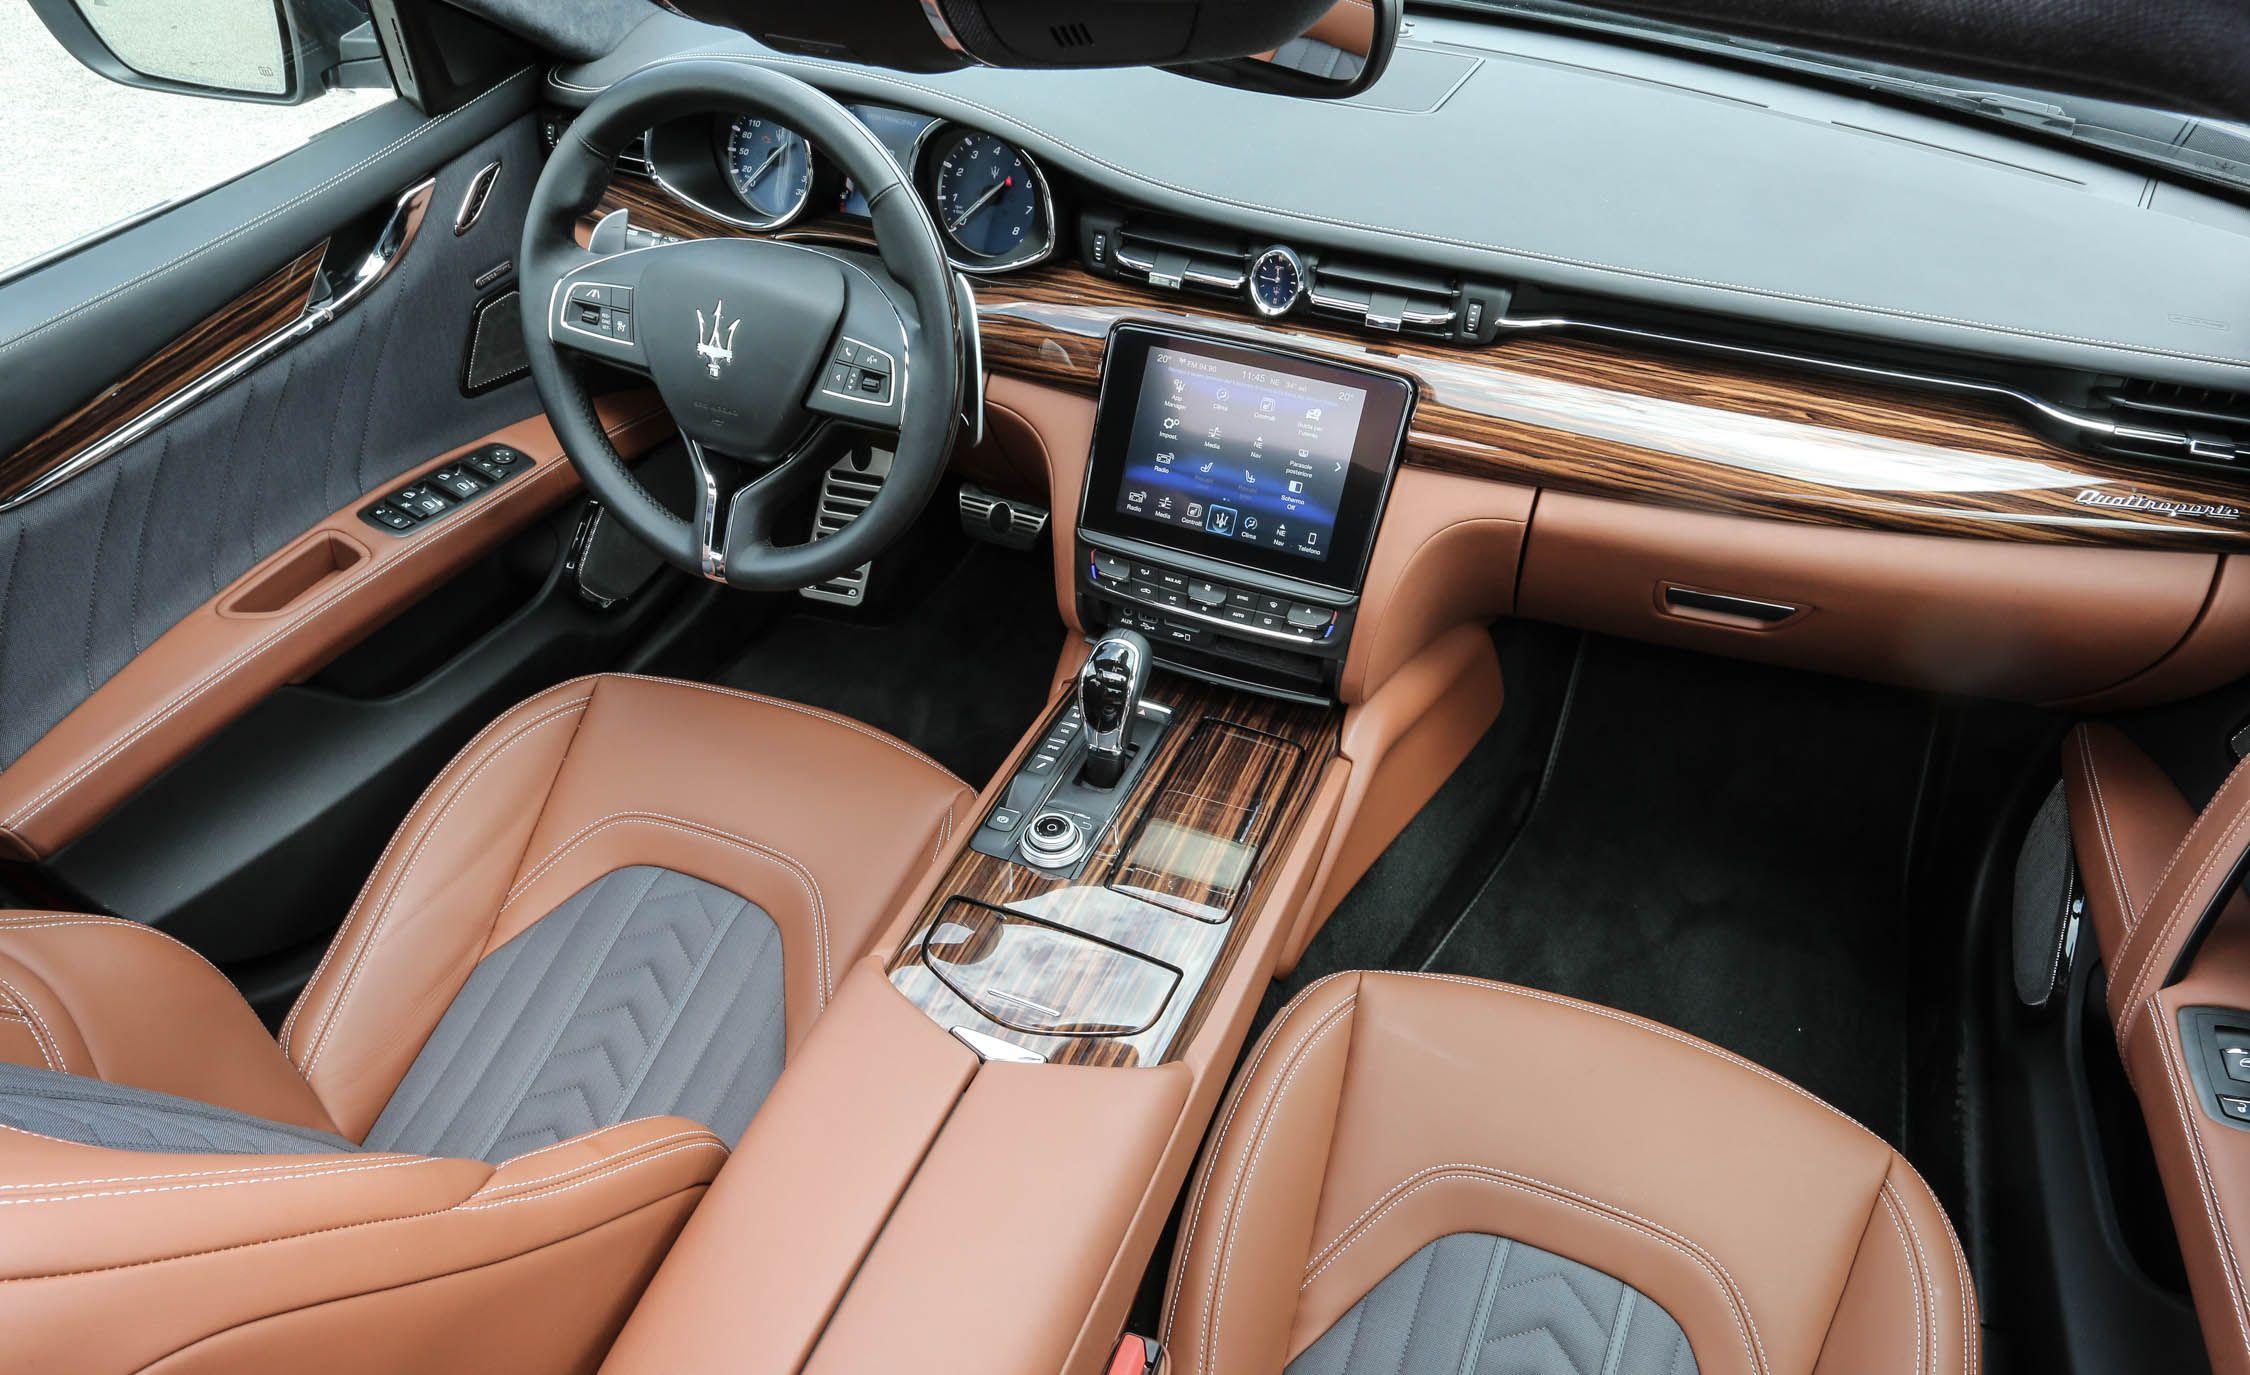 2019 Maserati Quattroporte Interior Luxury Cars Pinterest